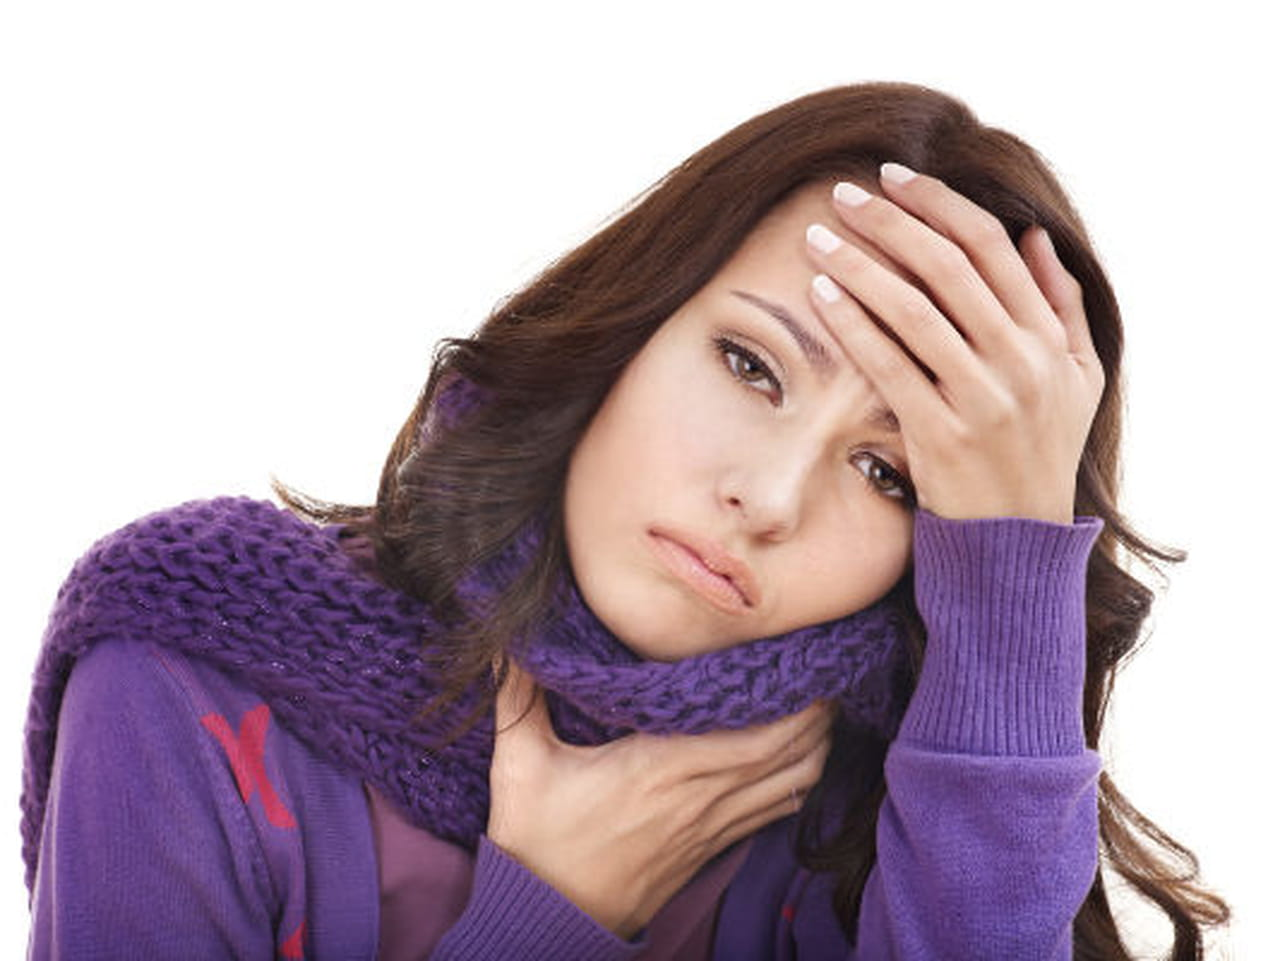 وصفات طبيعية فعاله لعلاج التهاب الحلق